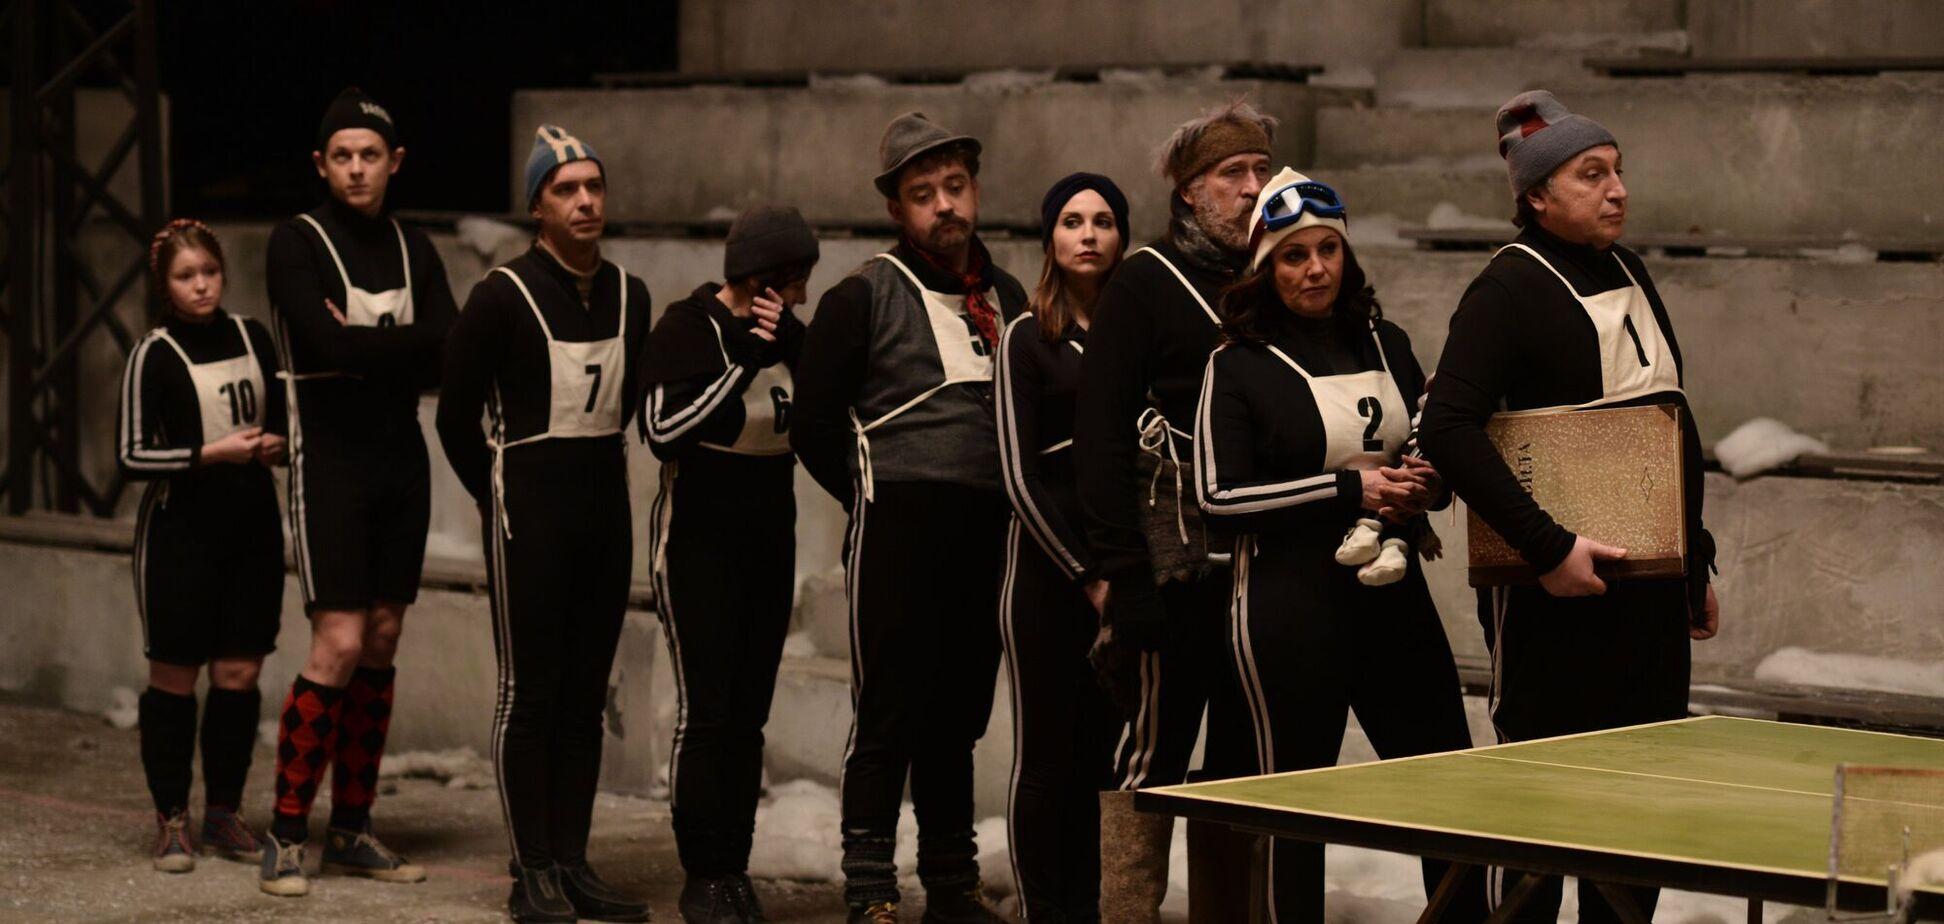 Кадр з фільму 'Номери'